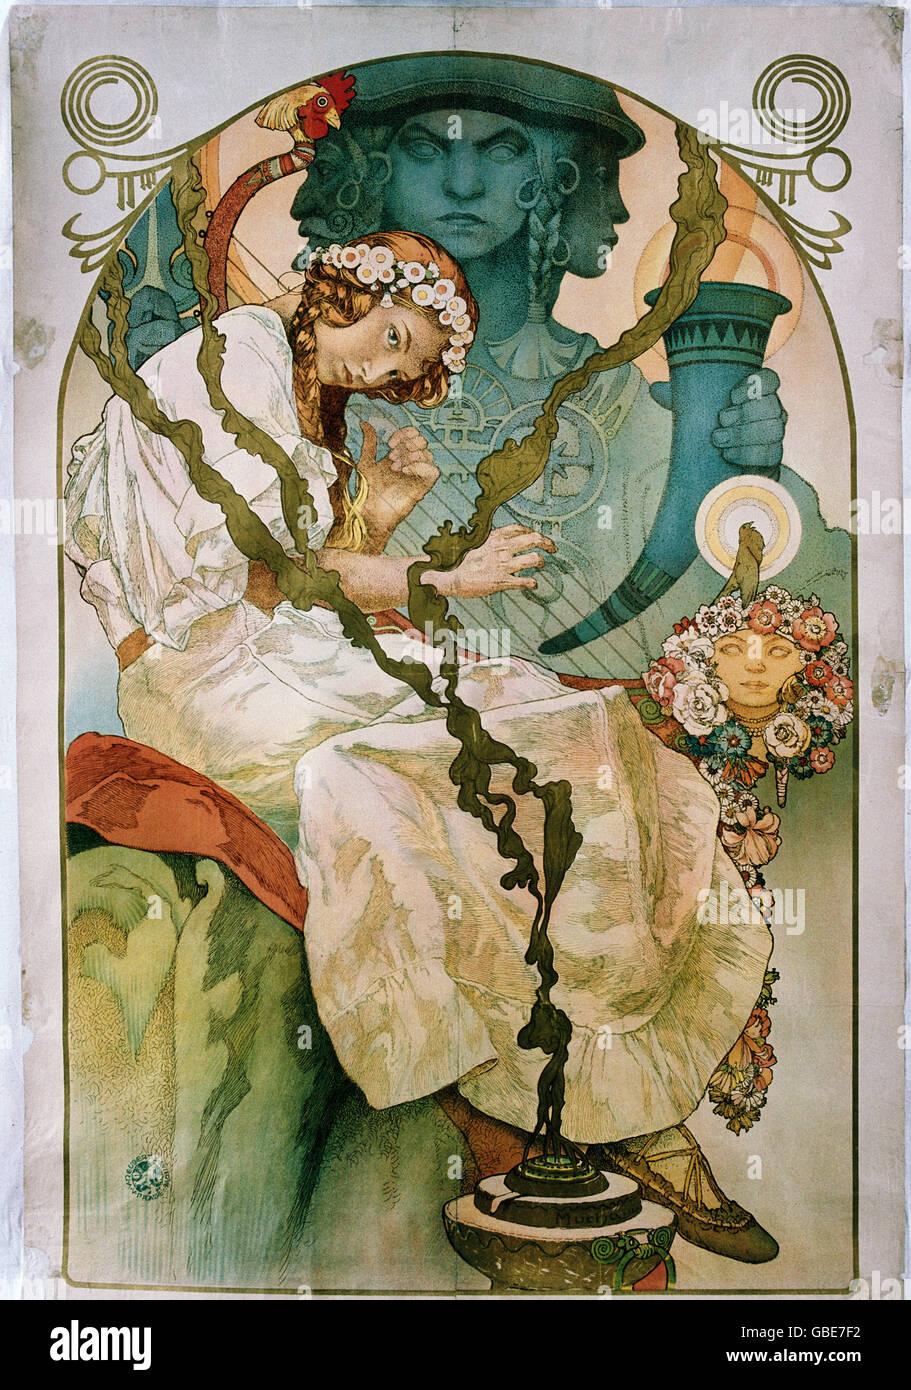 Beaux-arts, Alfons Mucha, Alfons, (1860 - 1939), affiche, lithographie couleur, vers 1900, Banque D'Images